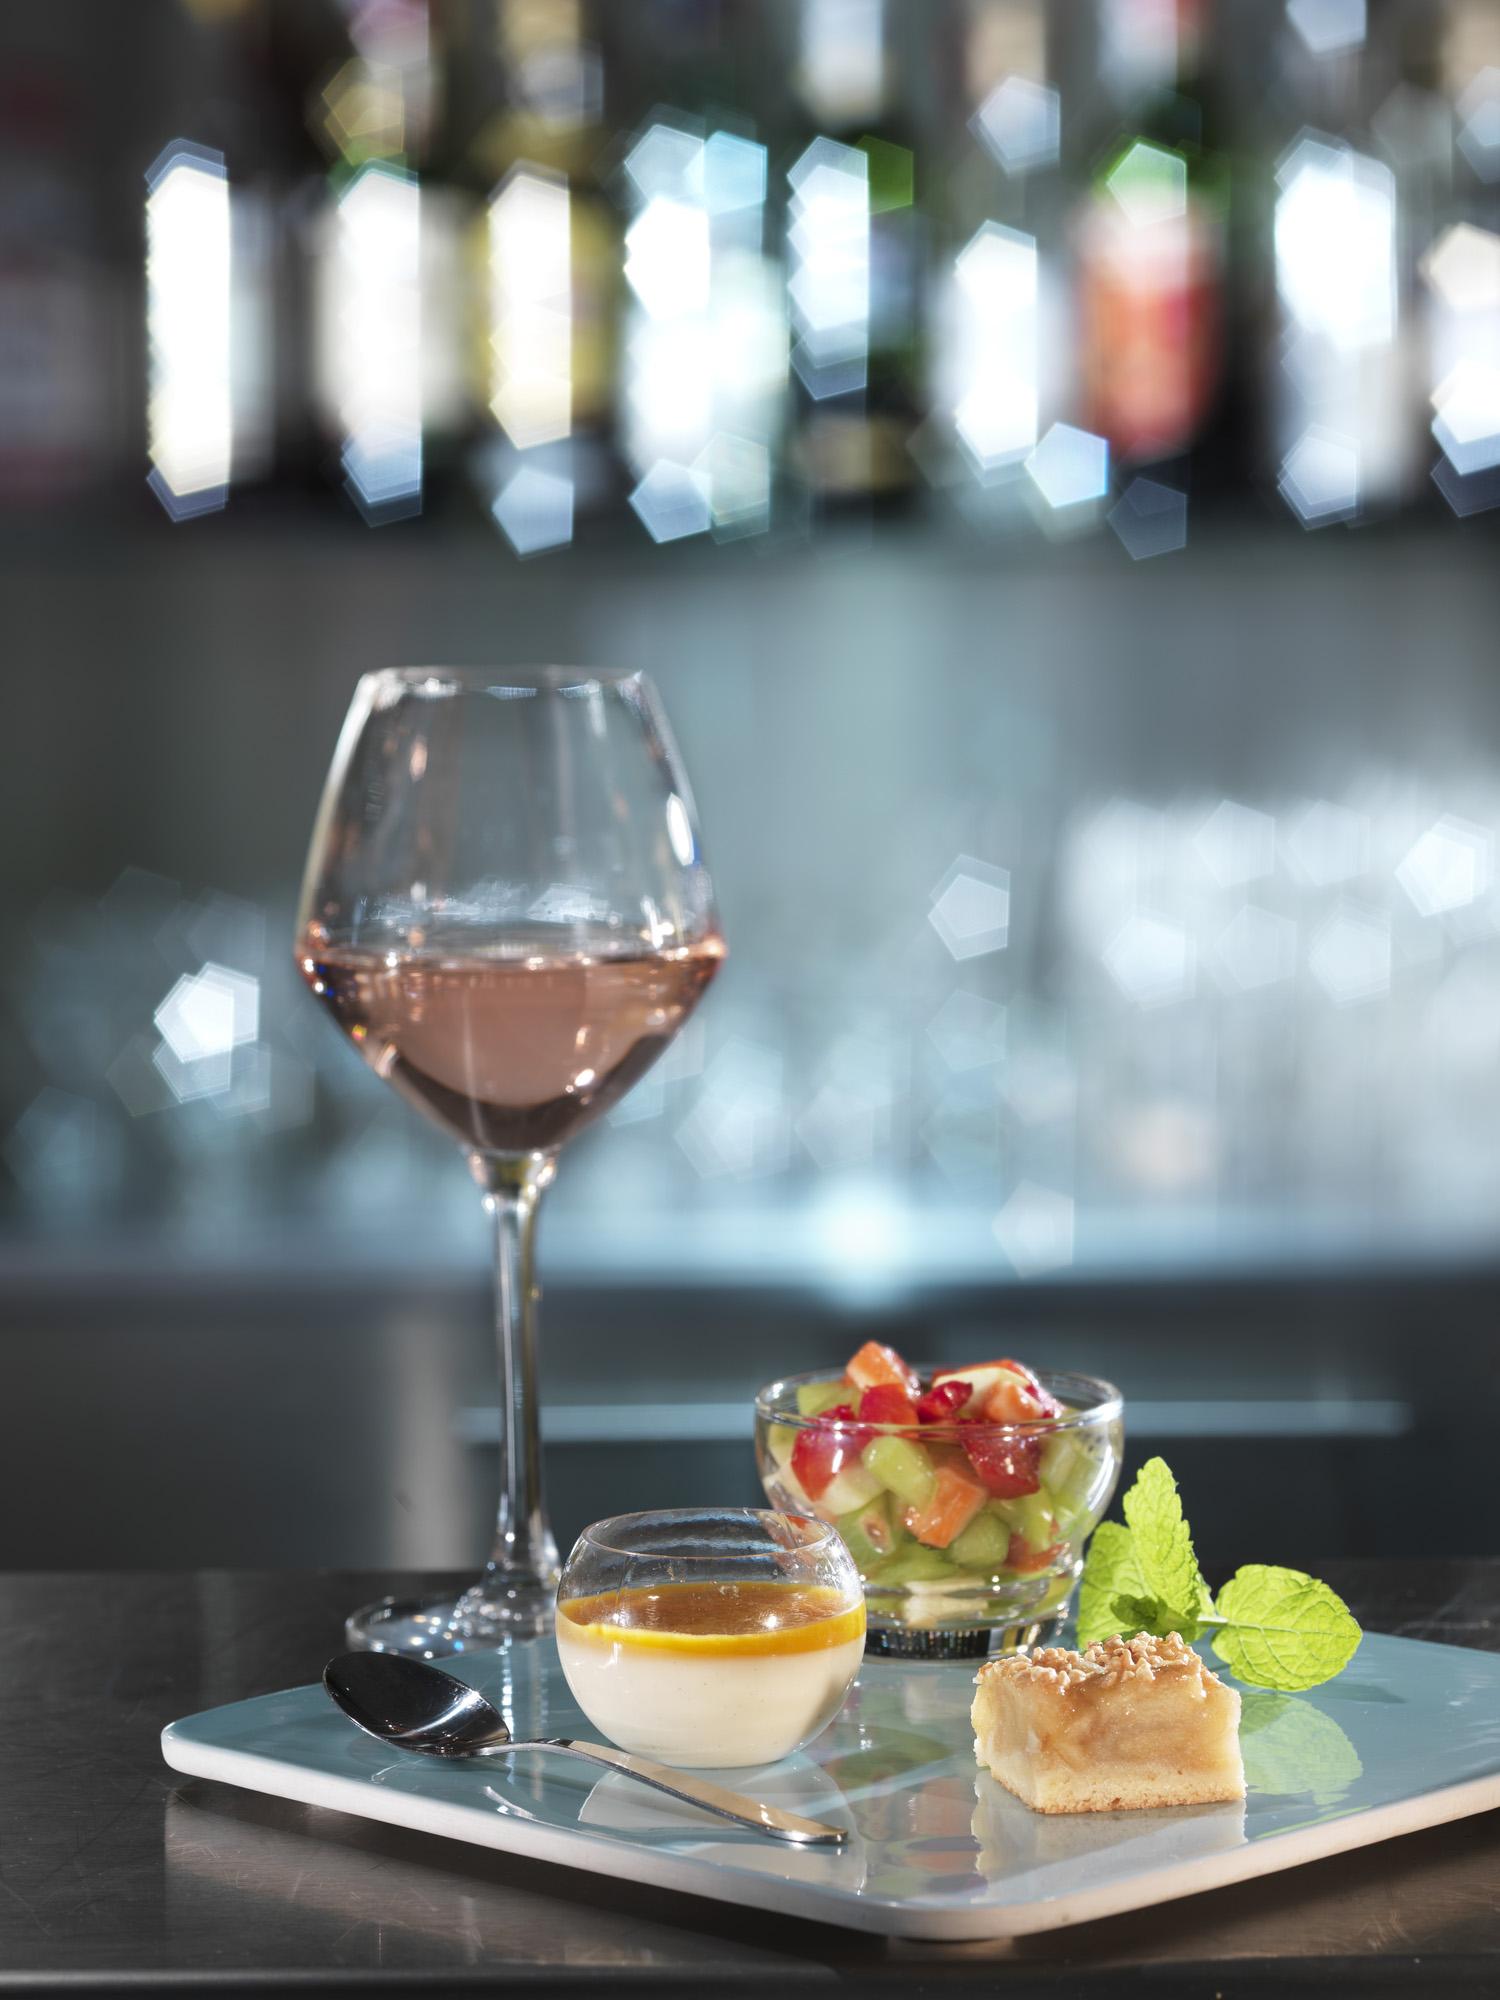 Découvrez les nouveautés Mercure en termes de gastronomie et de vins